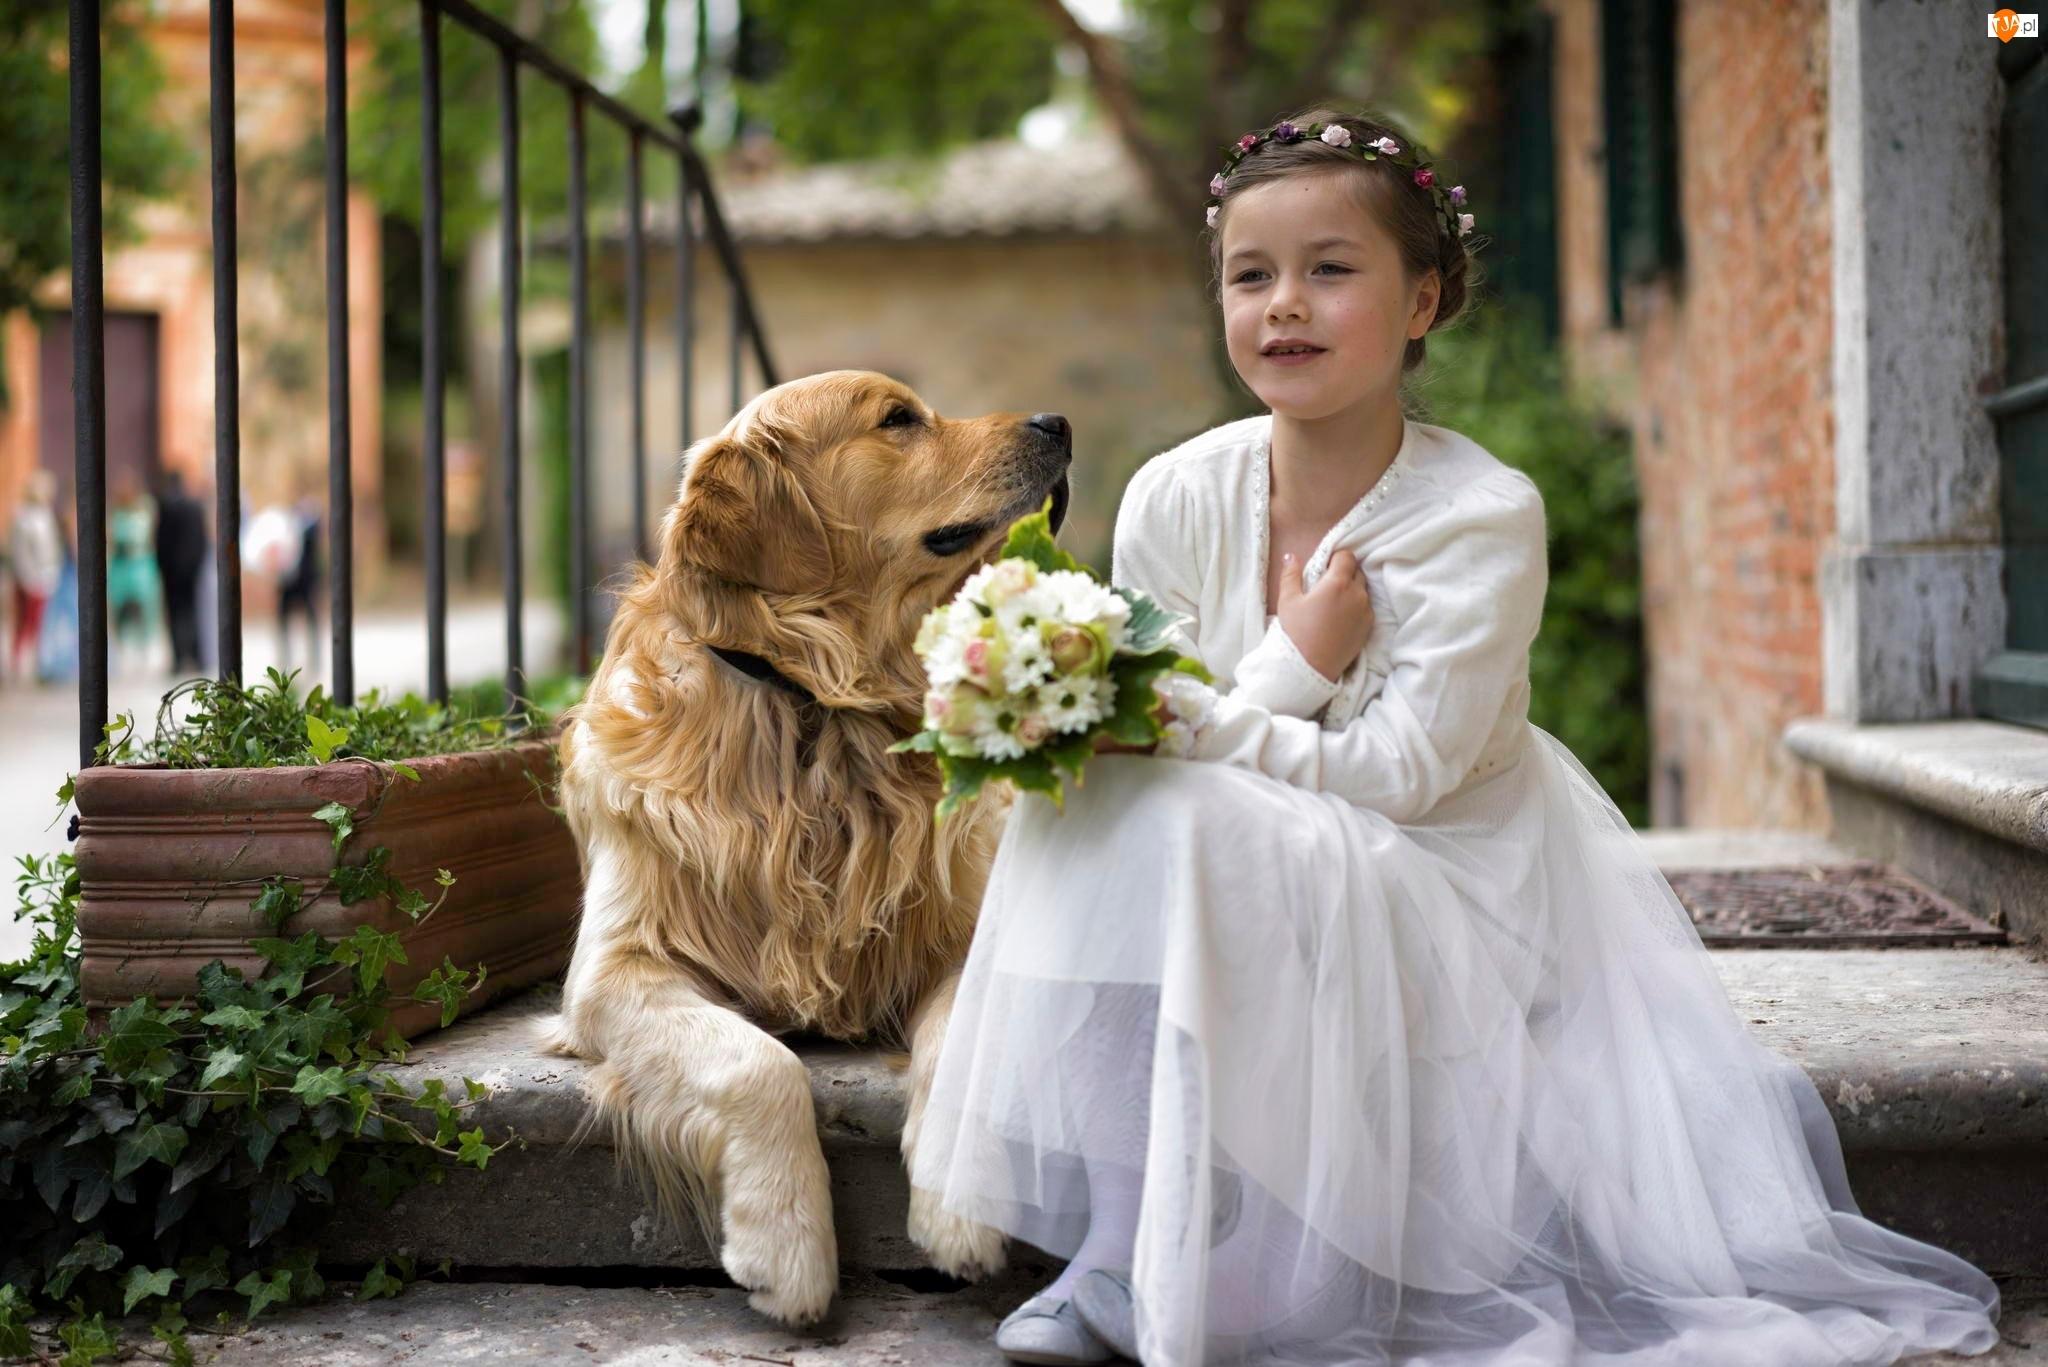 Bukiecik, Dziewczynka, Golden Retriever, Piesek, Kwiaty